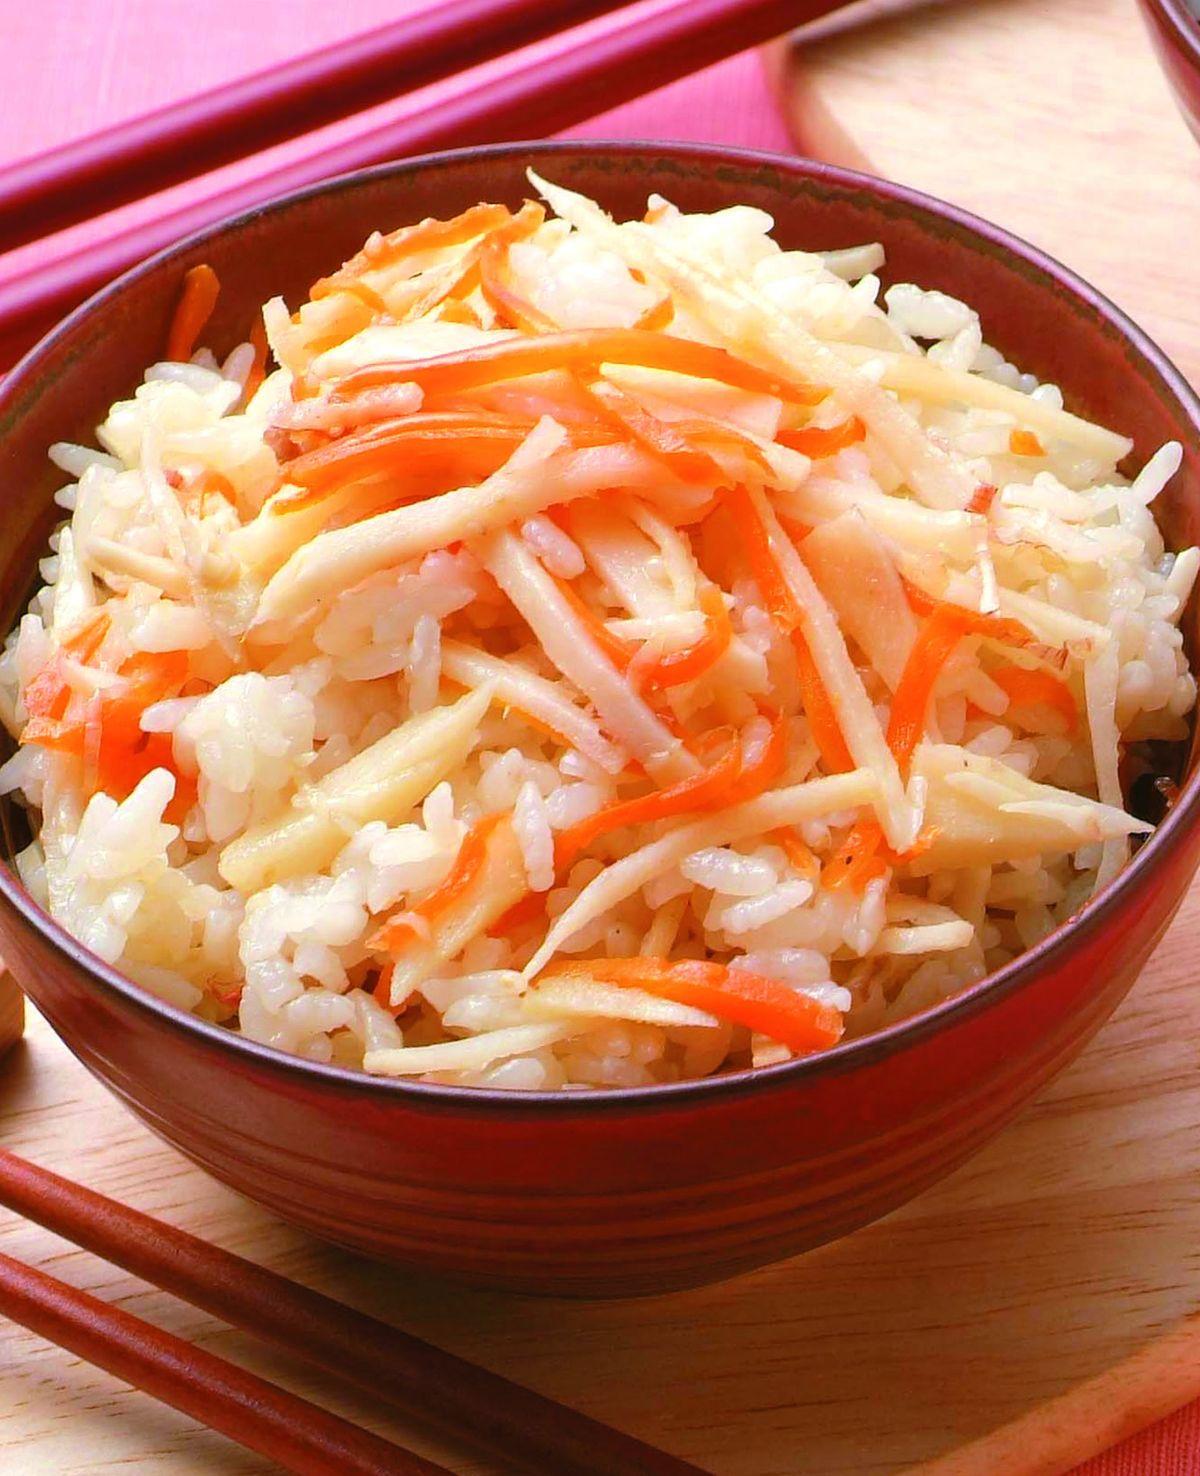 食譜:竹筍紅蘿蔔飯